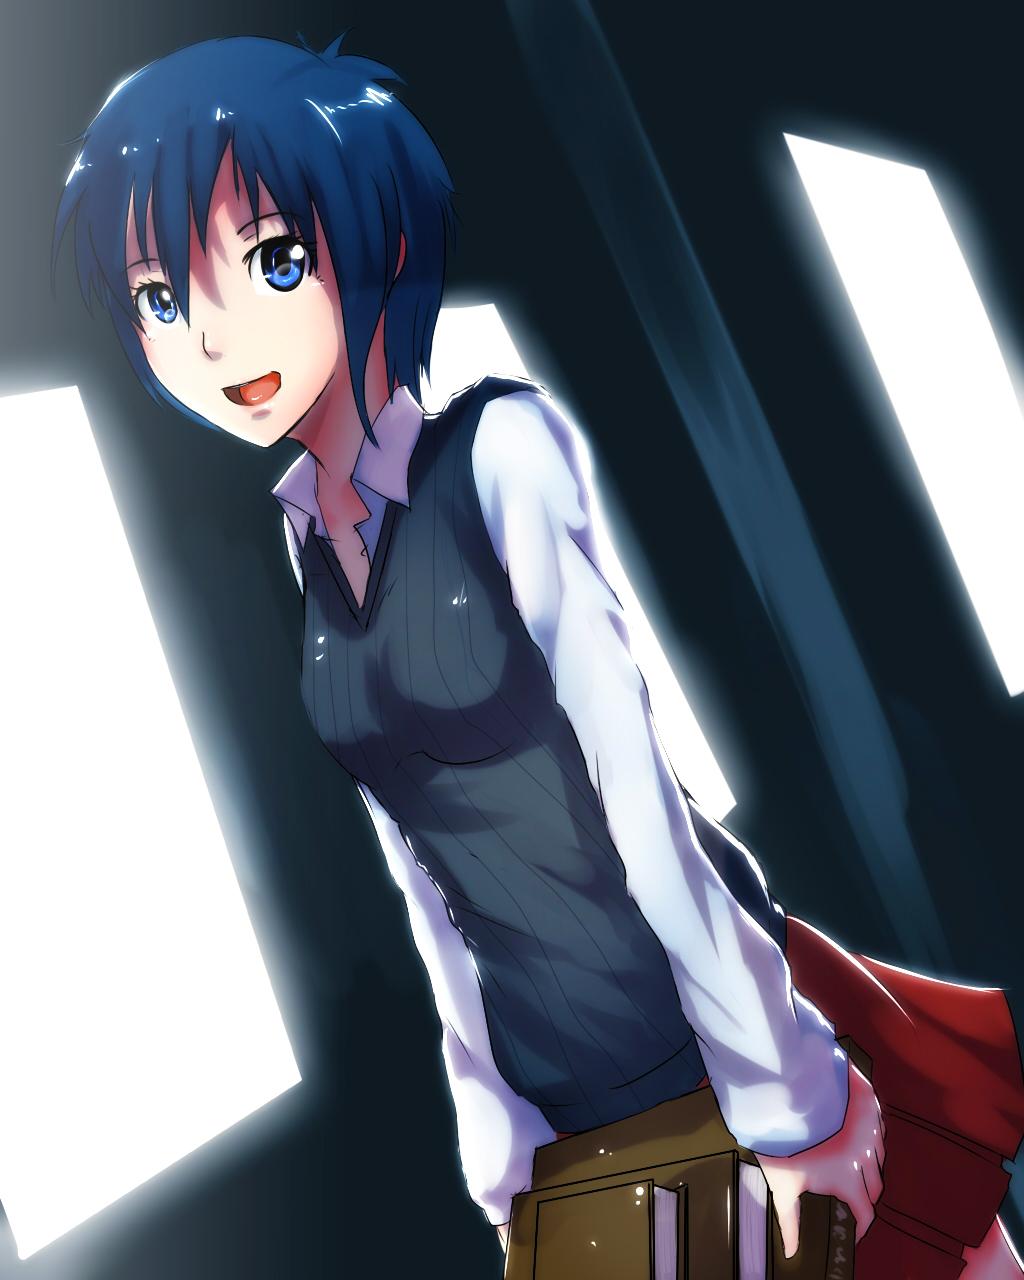 School Girl by Sword-Waltz